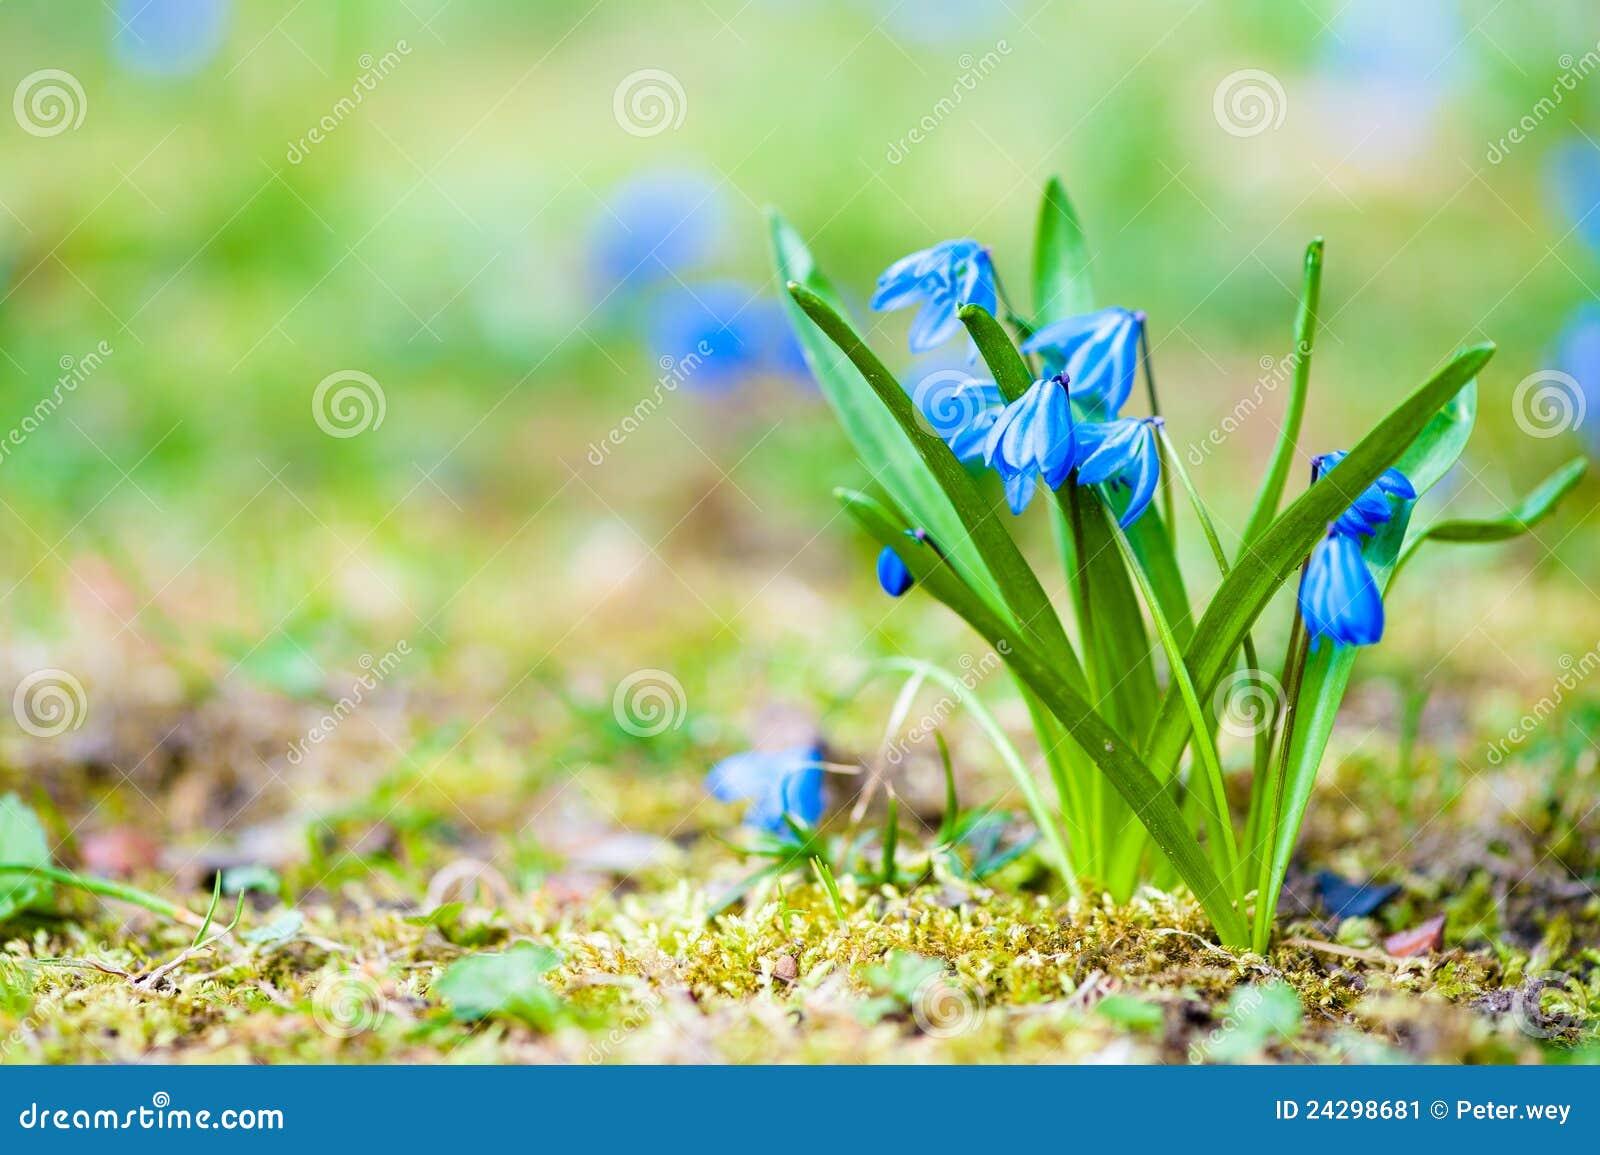 frische blaue fr hlingsblumen stockbild bild 24298681. Black Bedroom Furniture Sets. Home Design Ideas